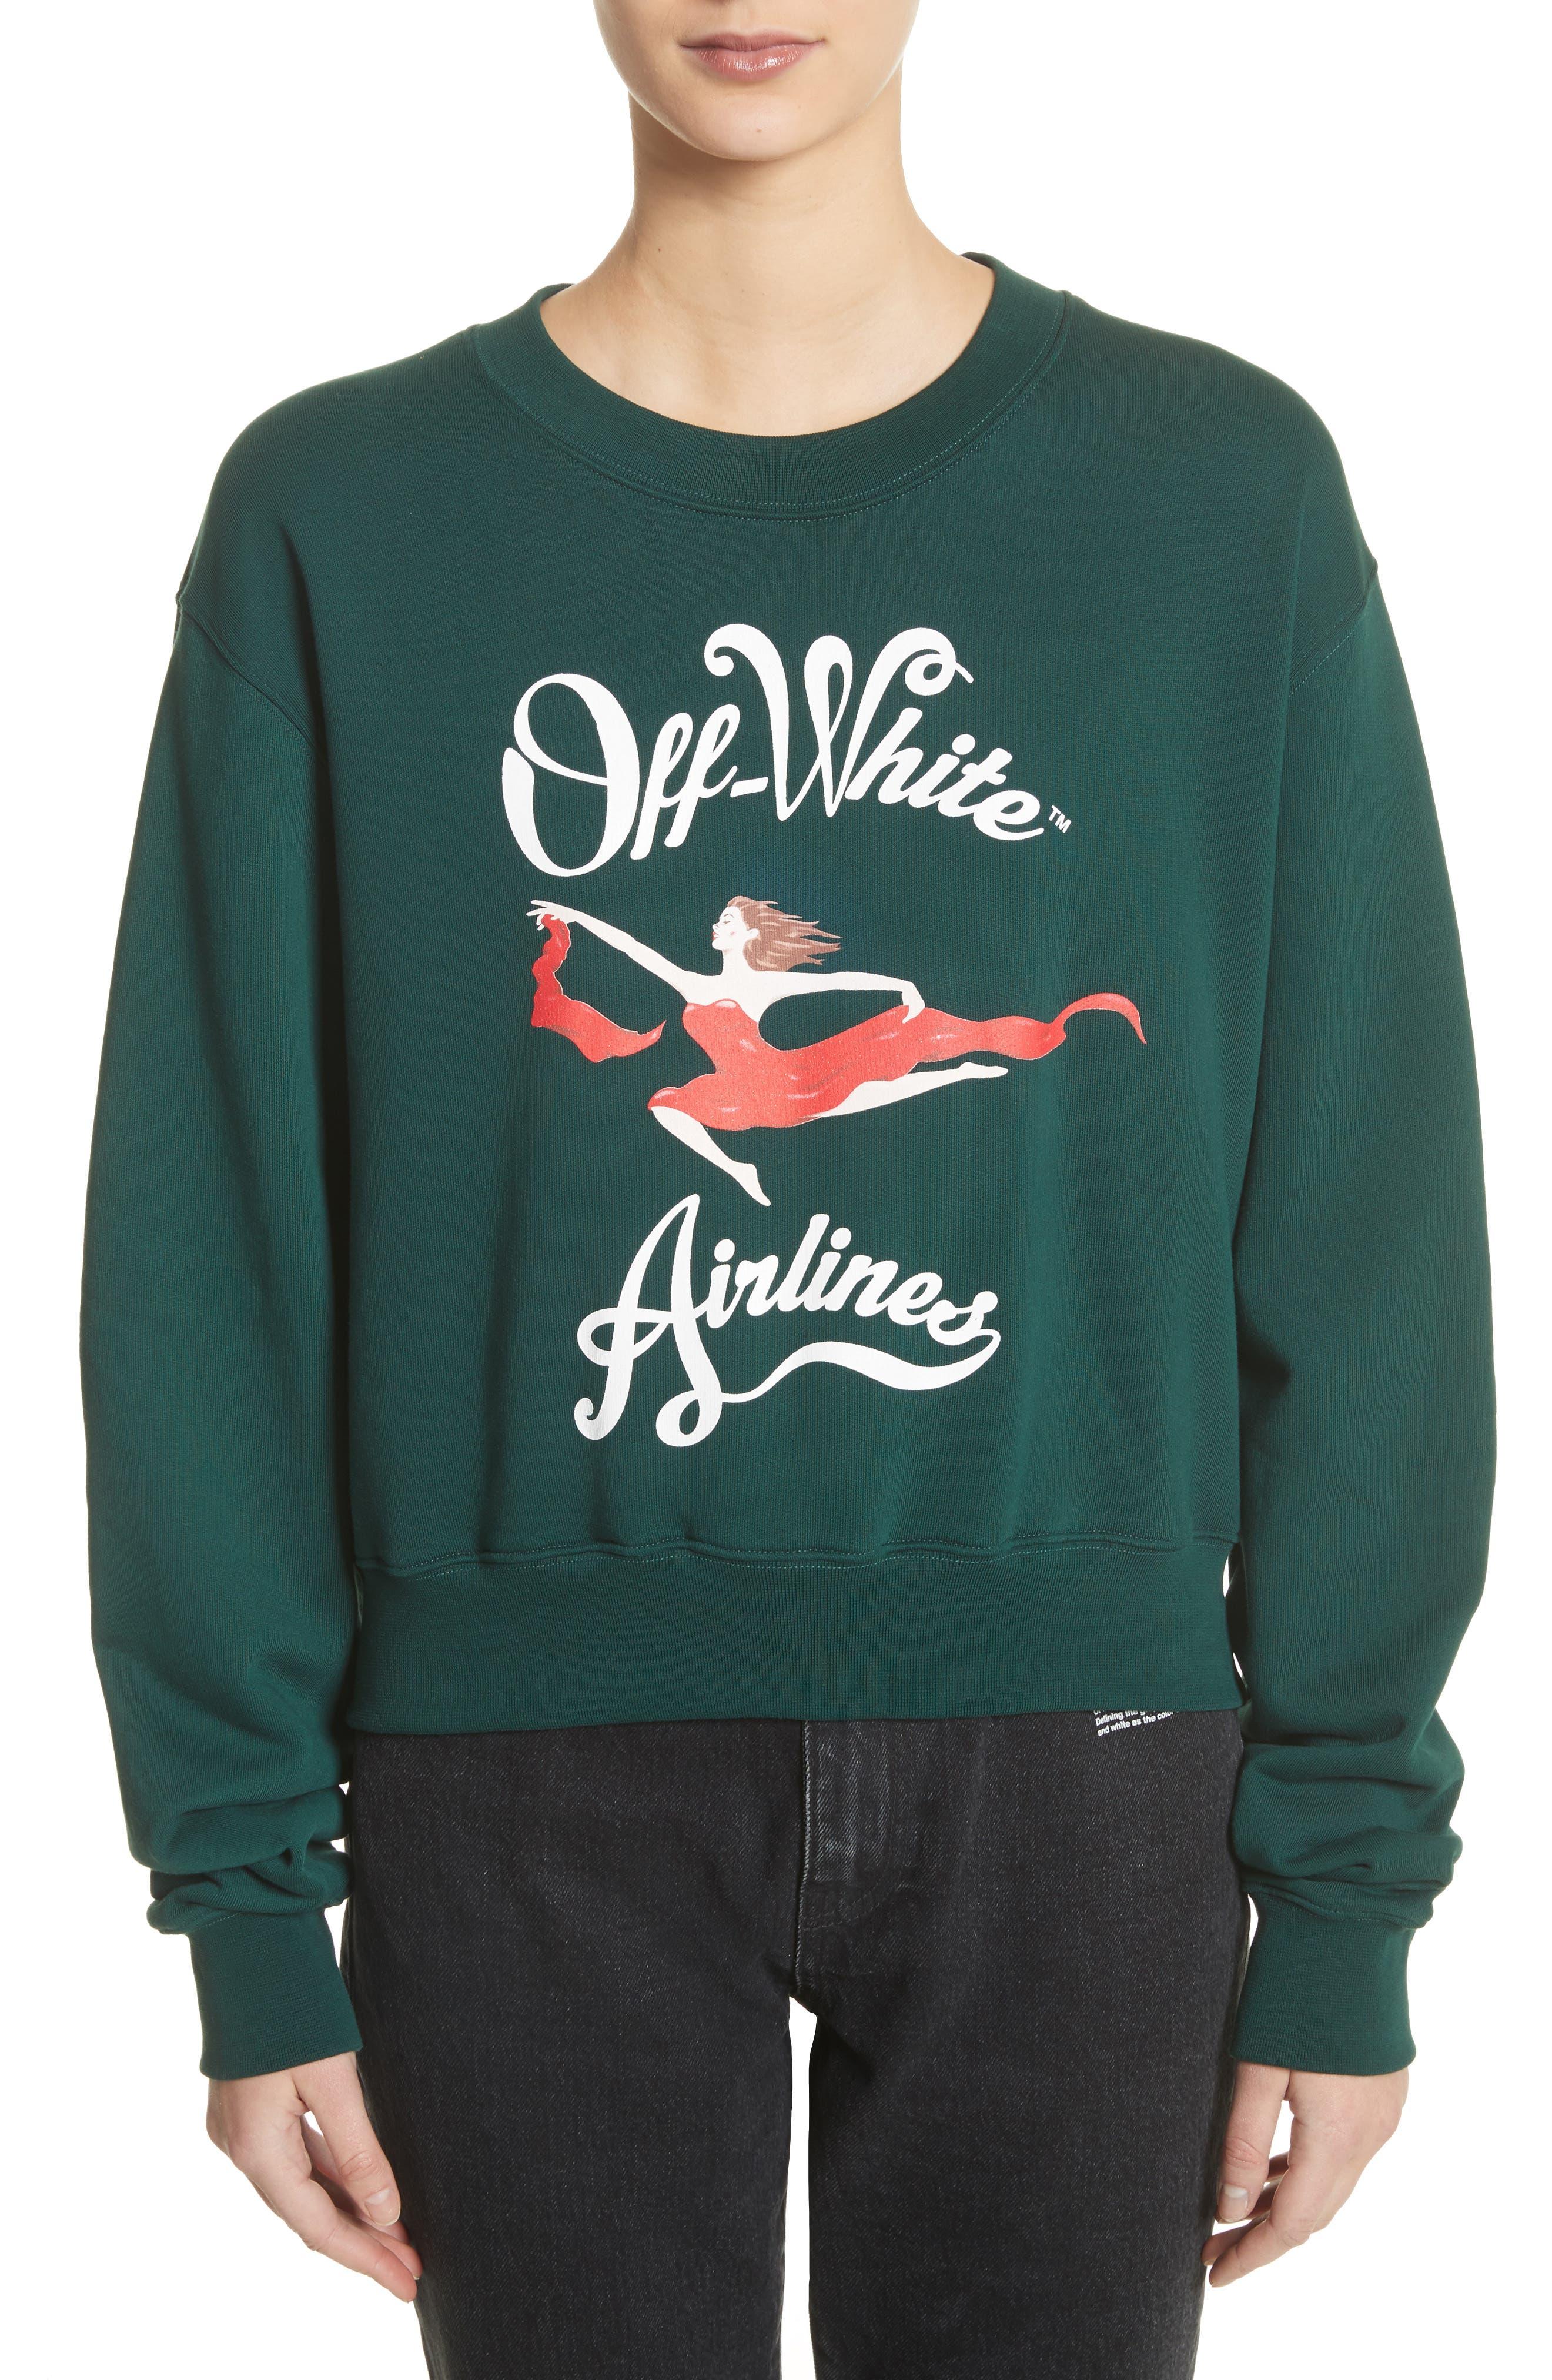 Off-White Airlines Crop Crewneck Sweatshirt